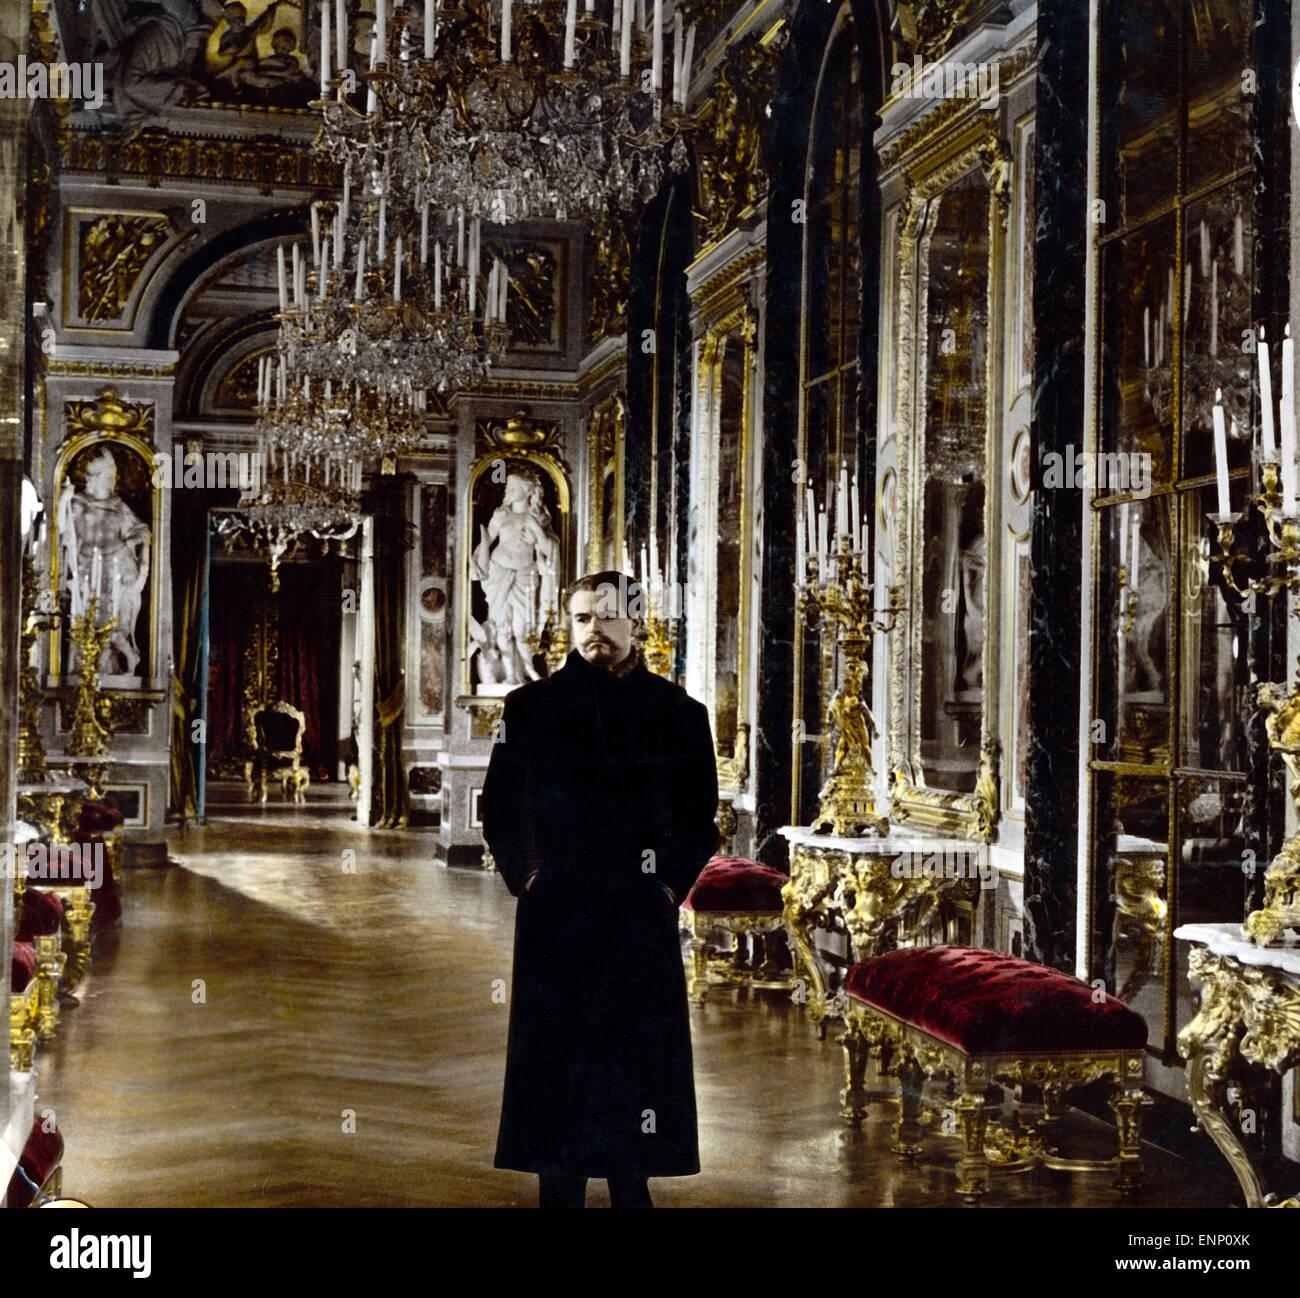 Ludwig II.: Glanz und Ende eines Königs, Deutschland 1955, Regie: Helmut Käutner, Darsteller: O. W. Fischer - Stock Image